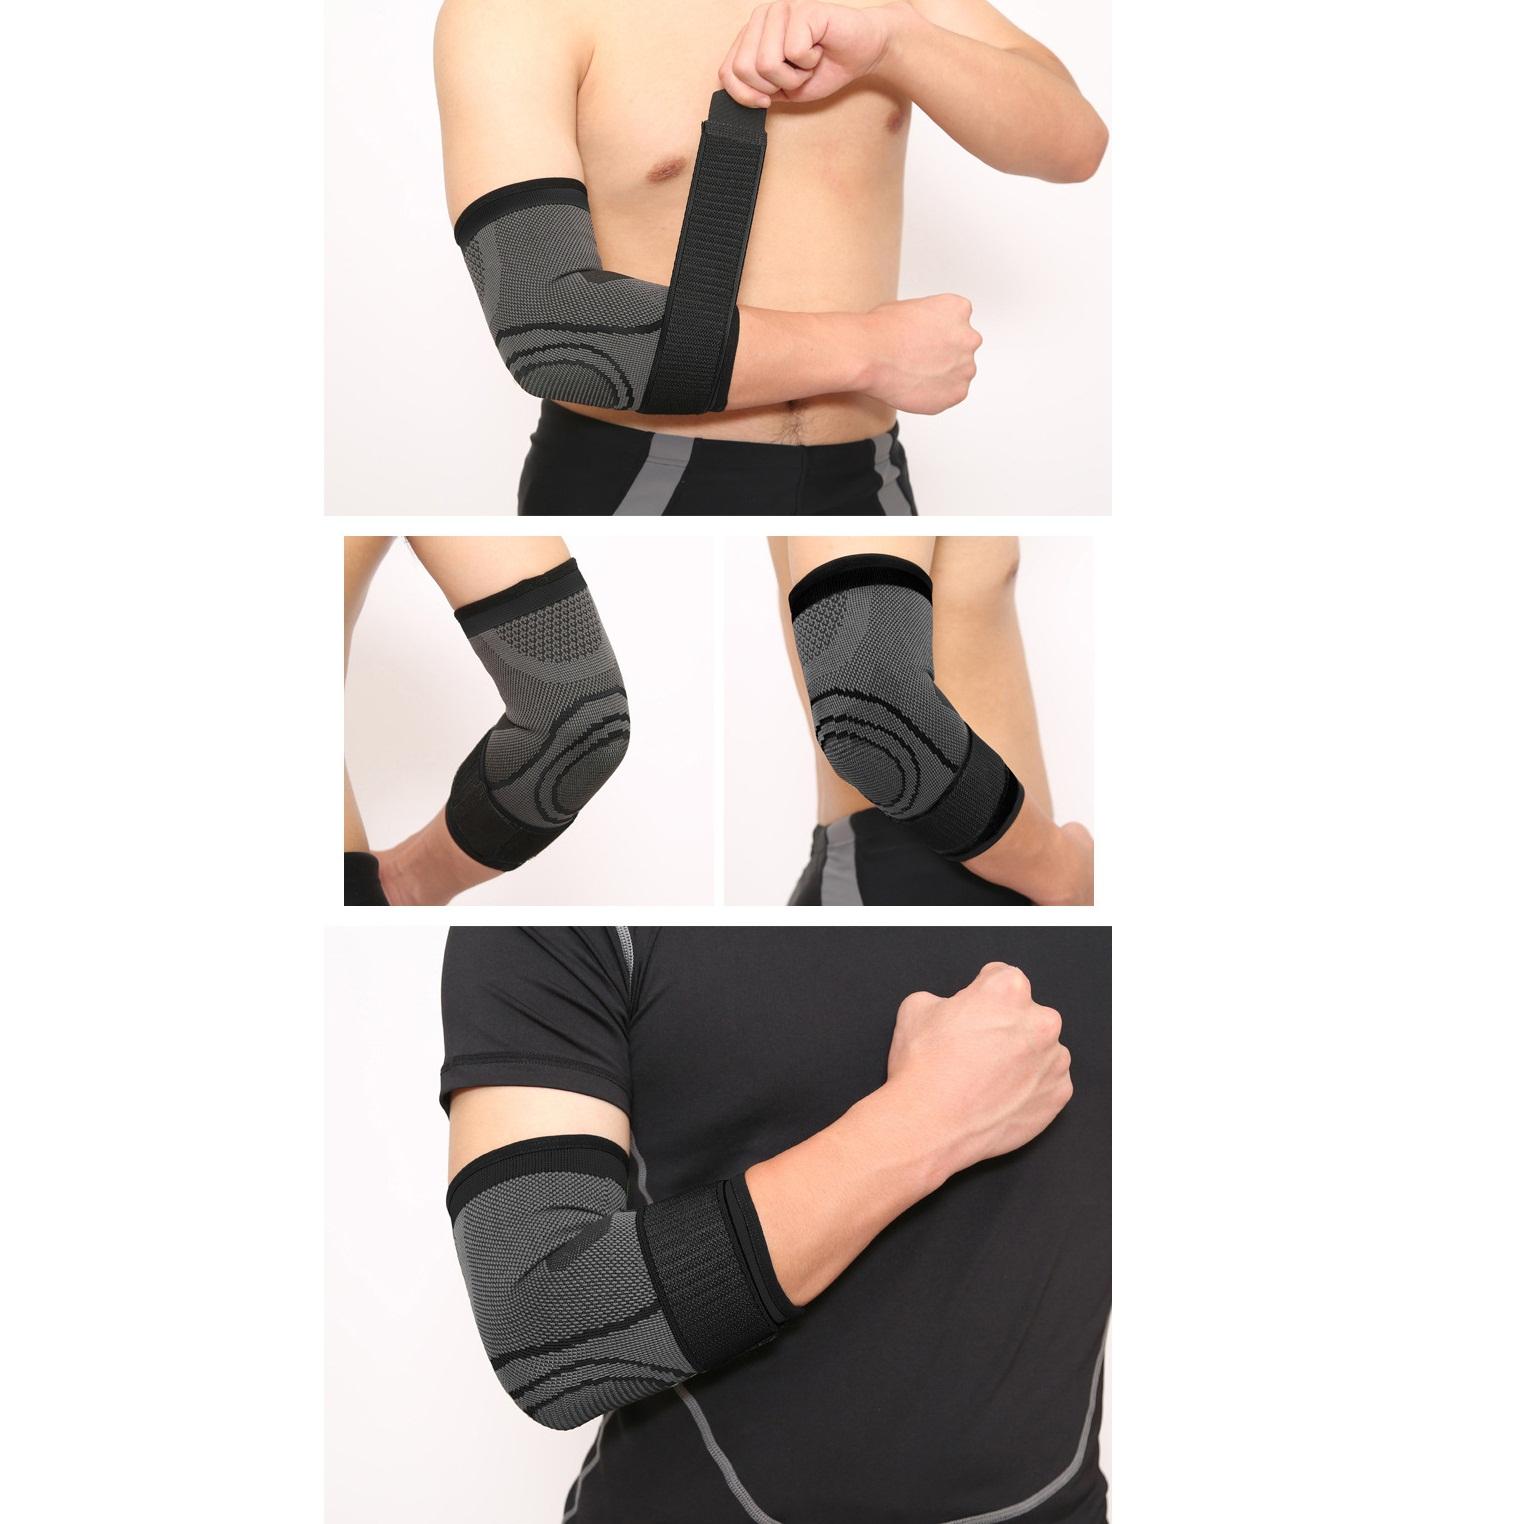 Bảo vệ khuỷu tay Aolikes giảm thiểu chấn thương ngoài ý muốn (1 đôi)